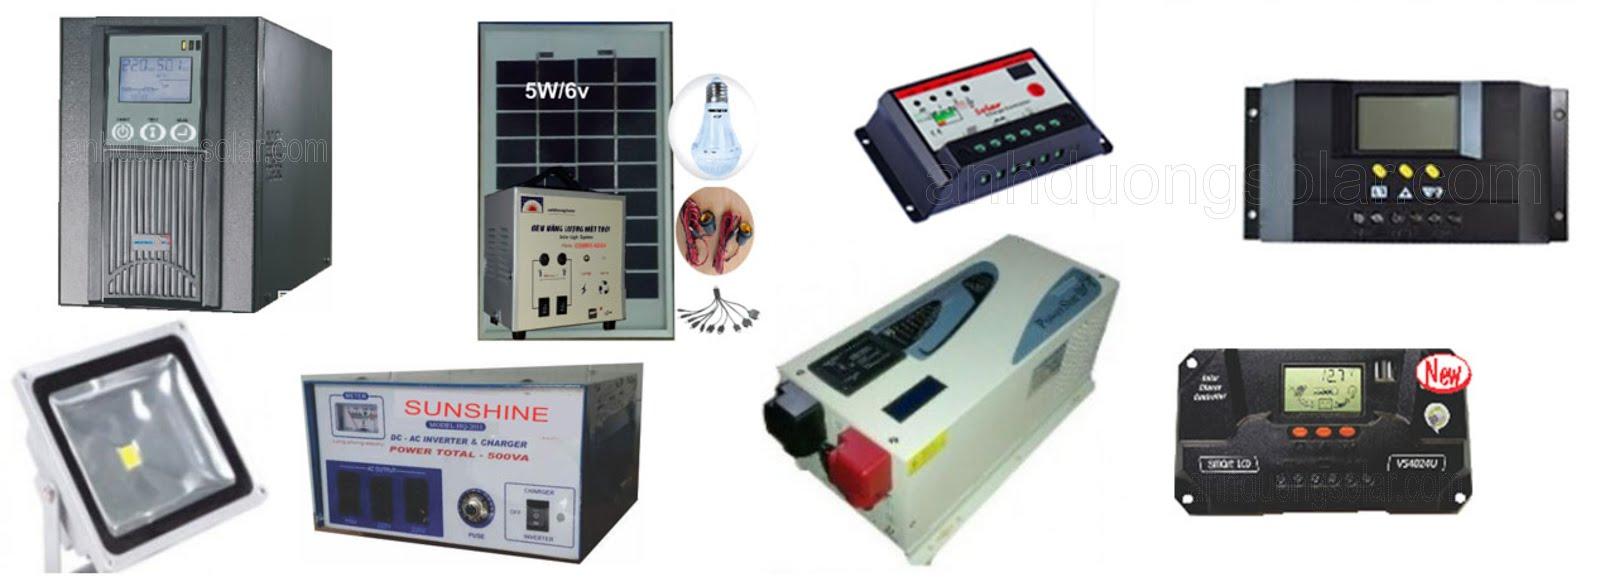 Điện mặt trời, Pin mặt trời, điều khiển sạc, ... hotline. 0989-043-971